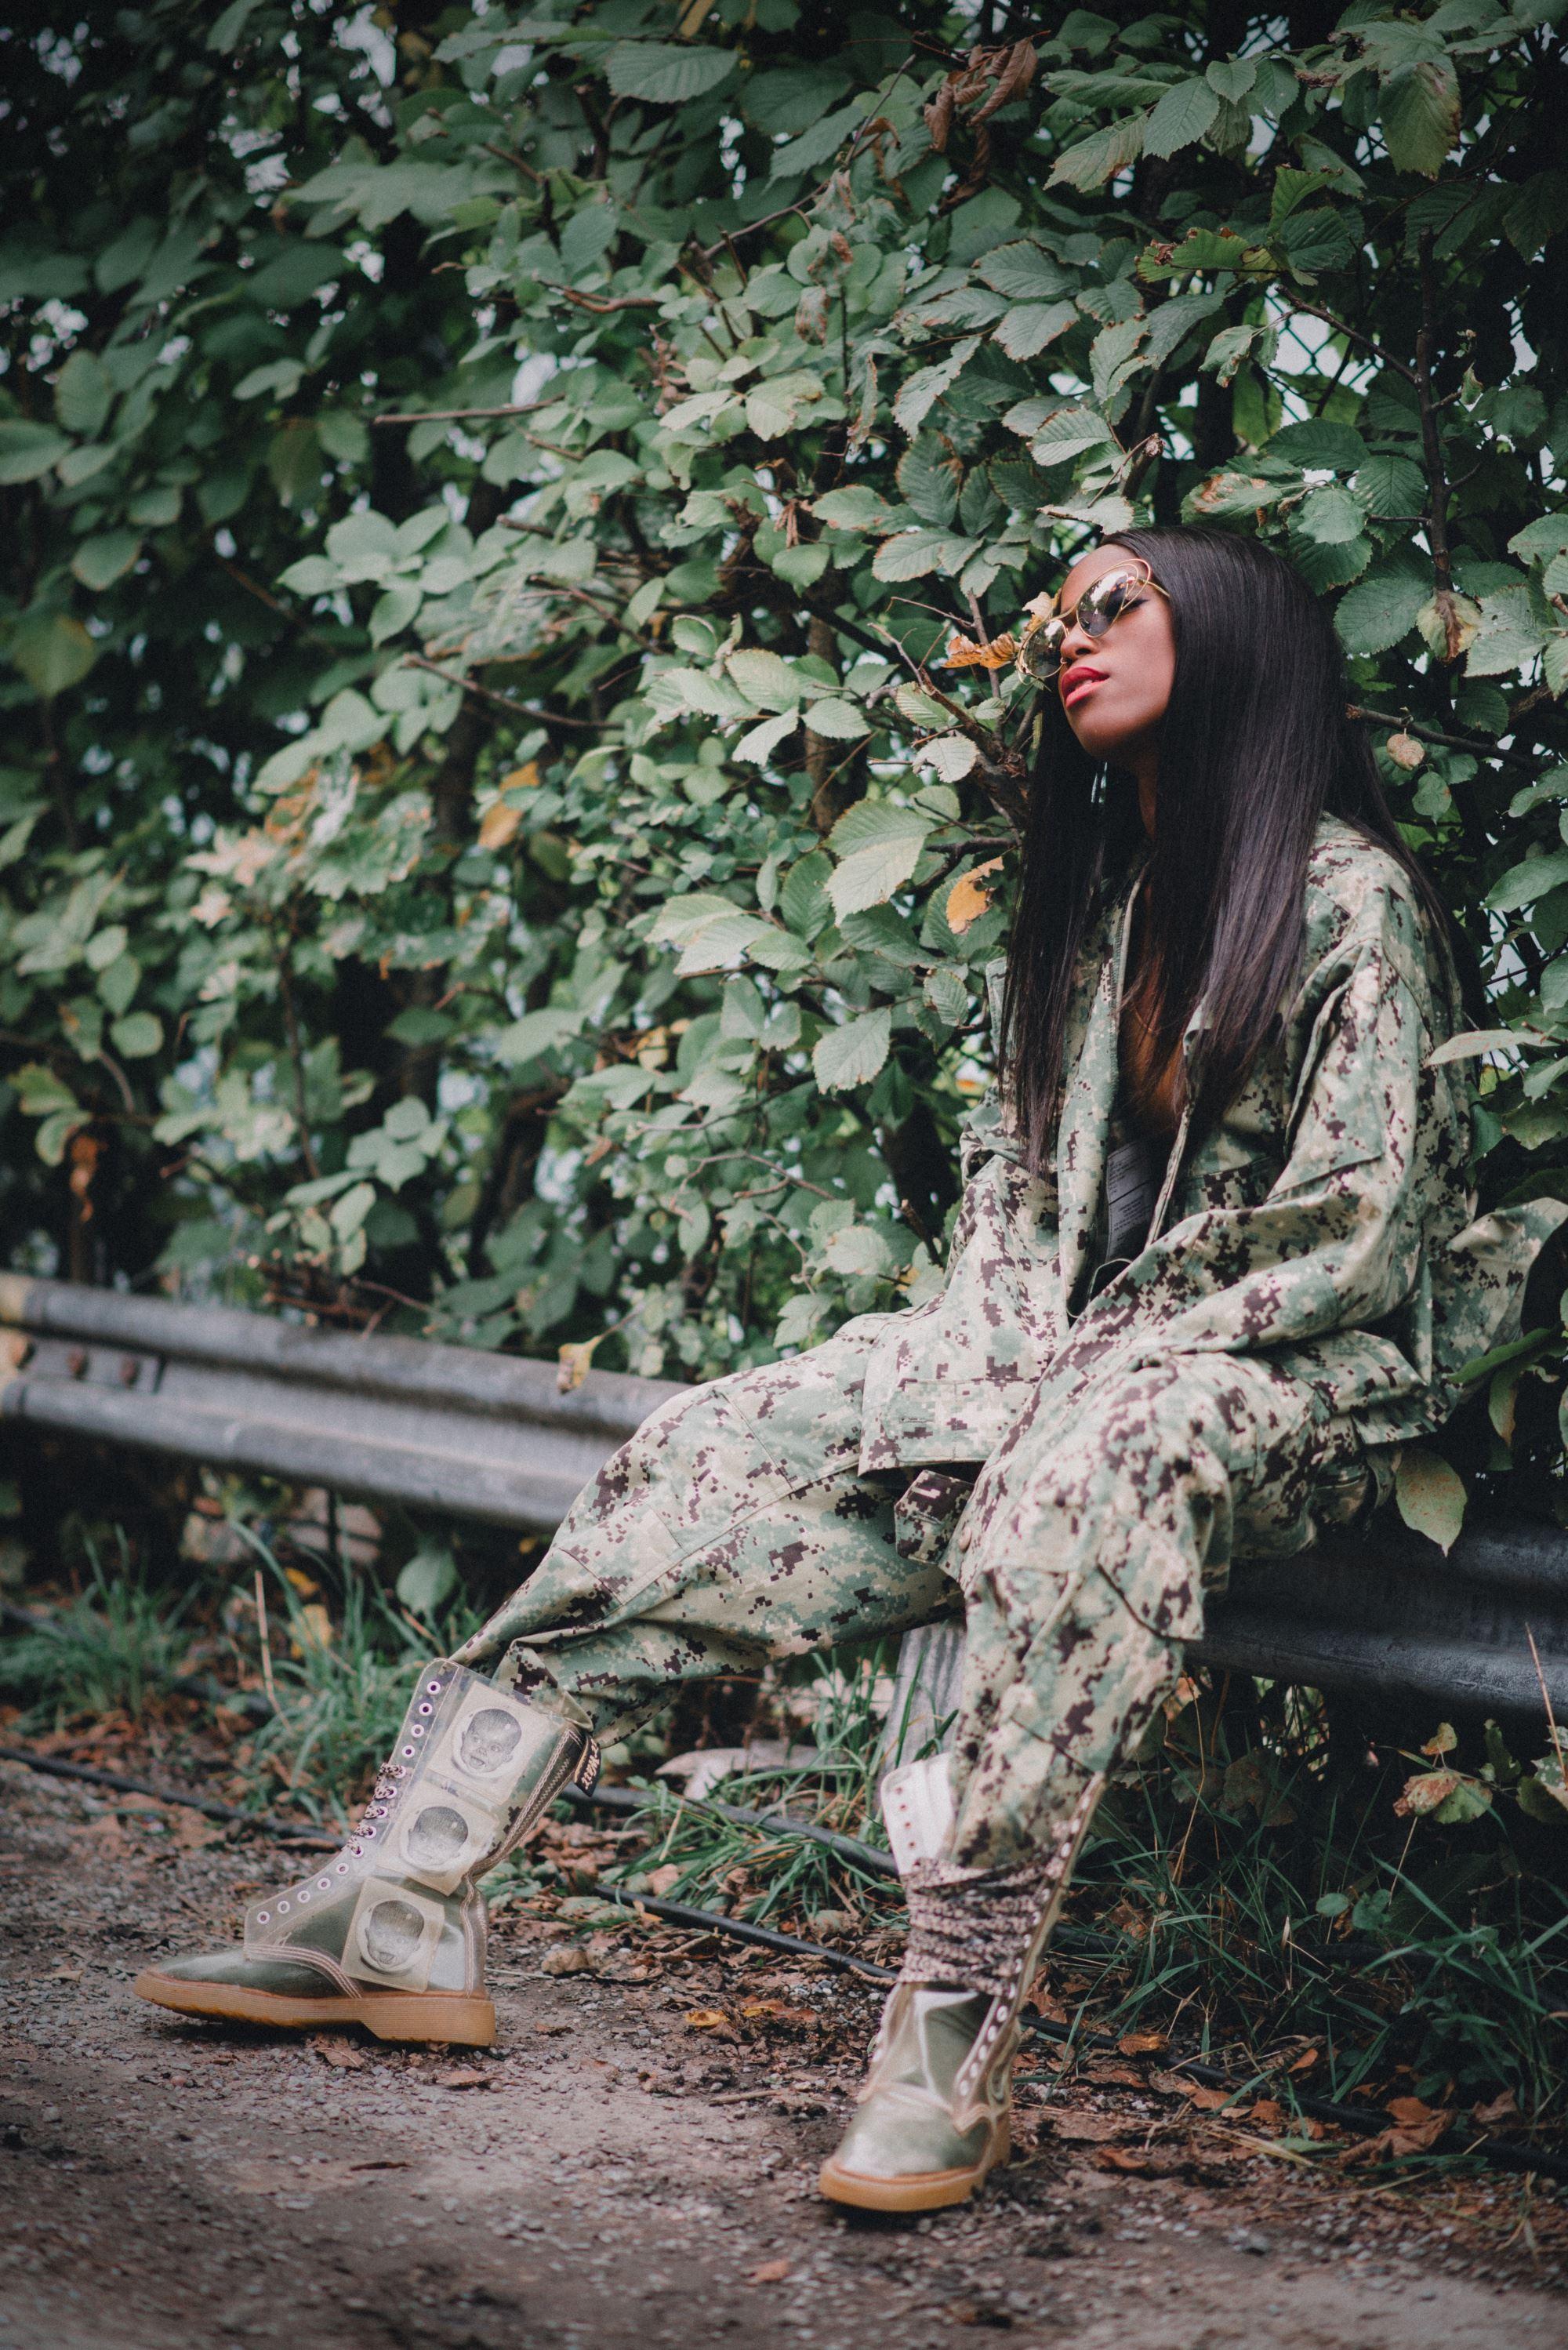 Musik: Sabina Dbumba